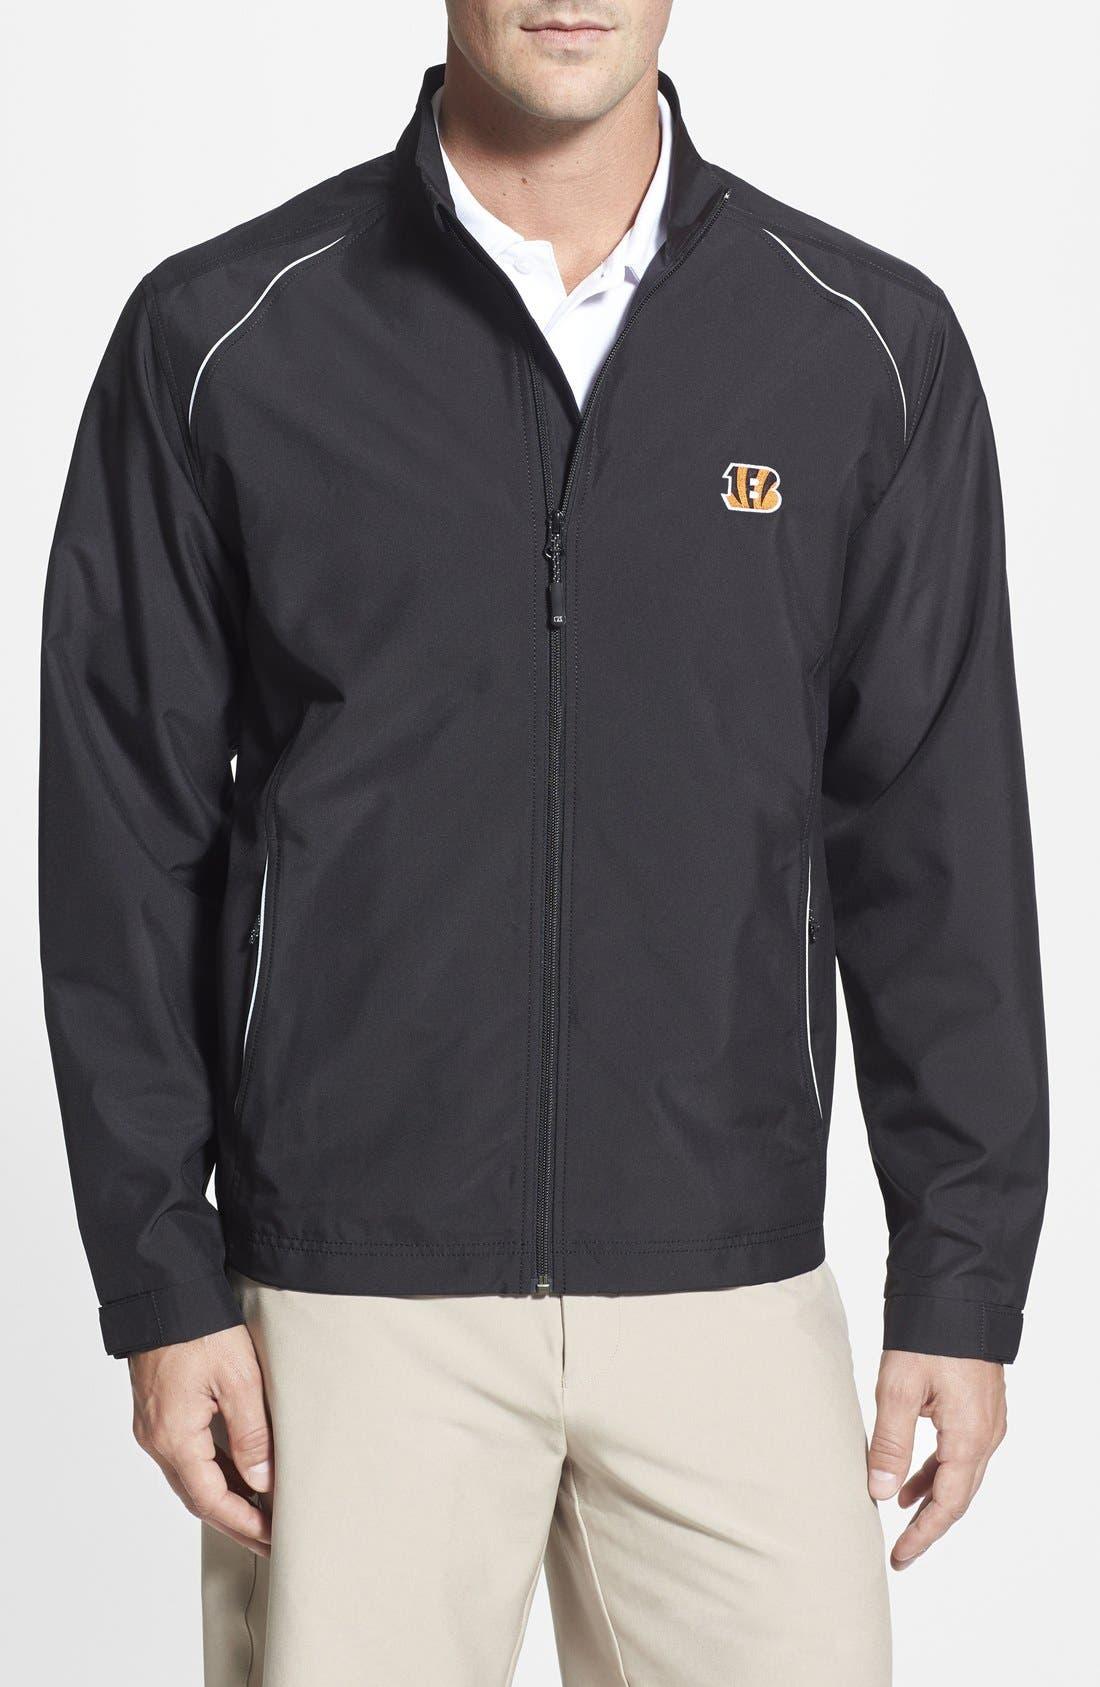 'Cincinnati Bengals - Beacon' WeatherTec Wind & Water Resistant Jacket,                             Main thumbnail 1, color,                             001